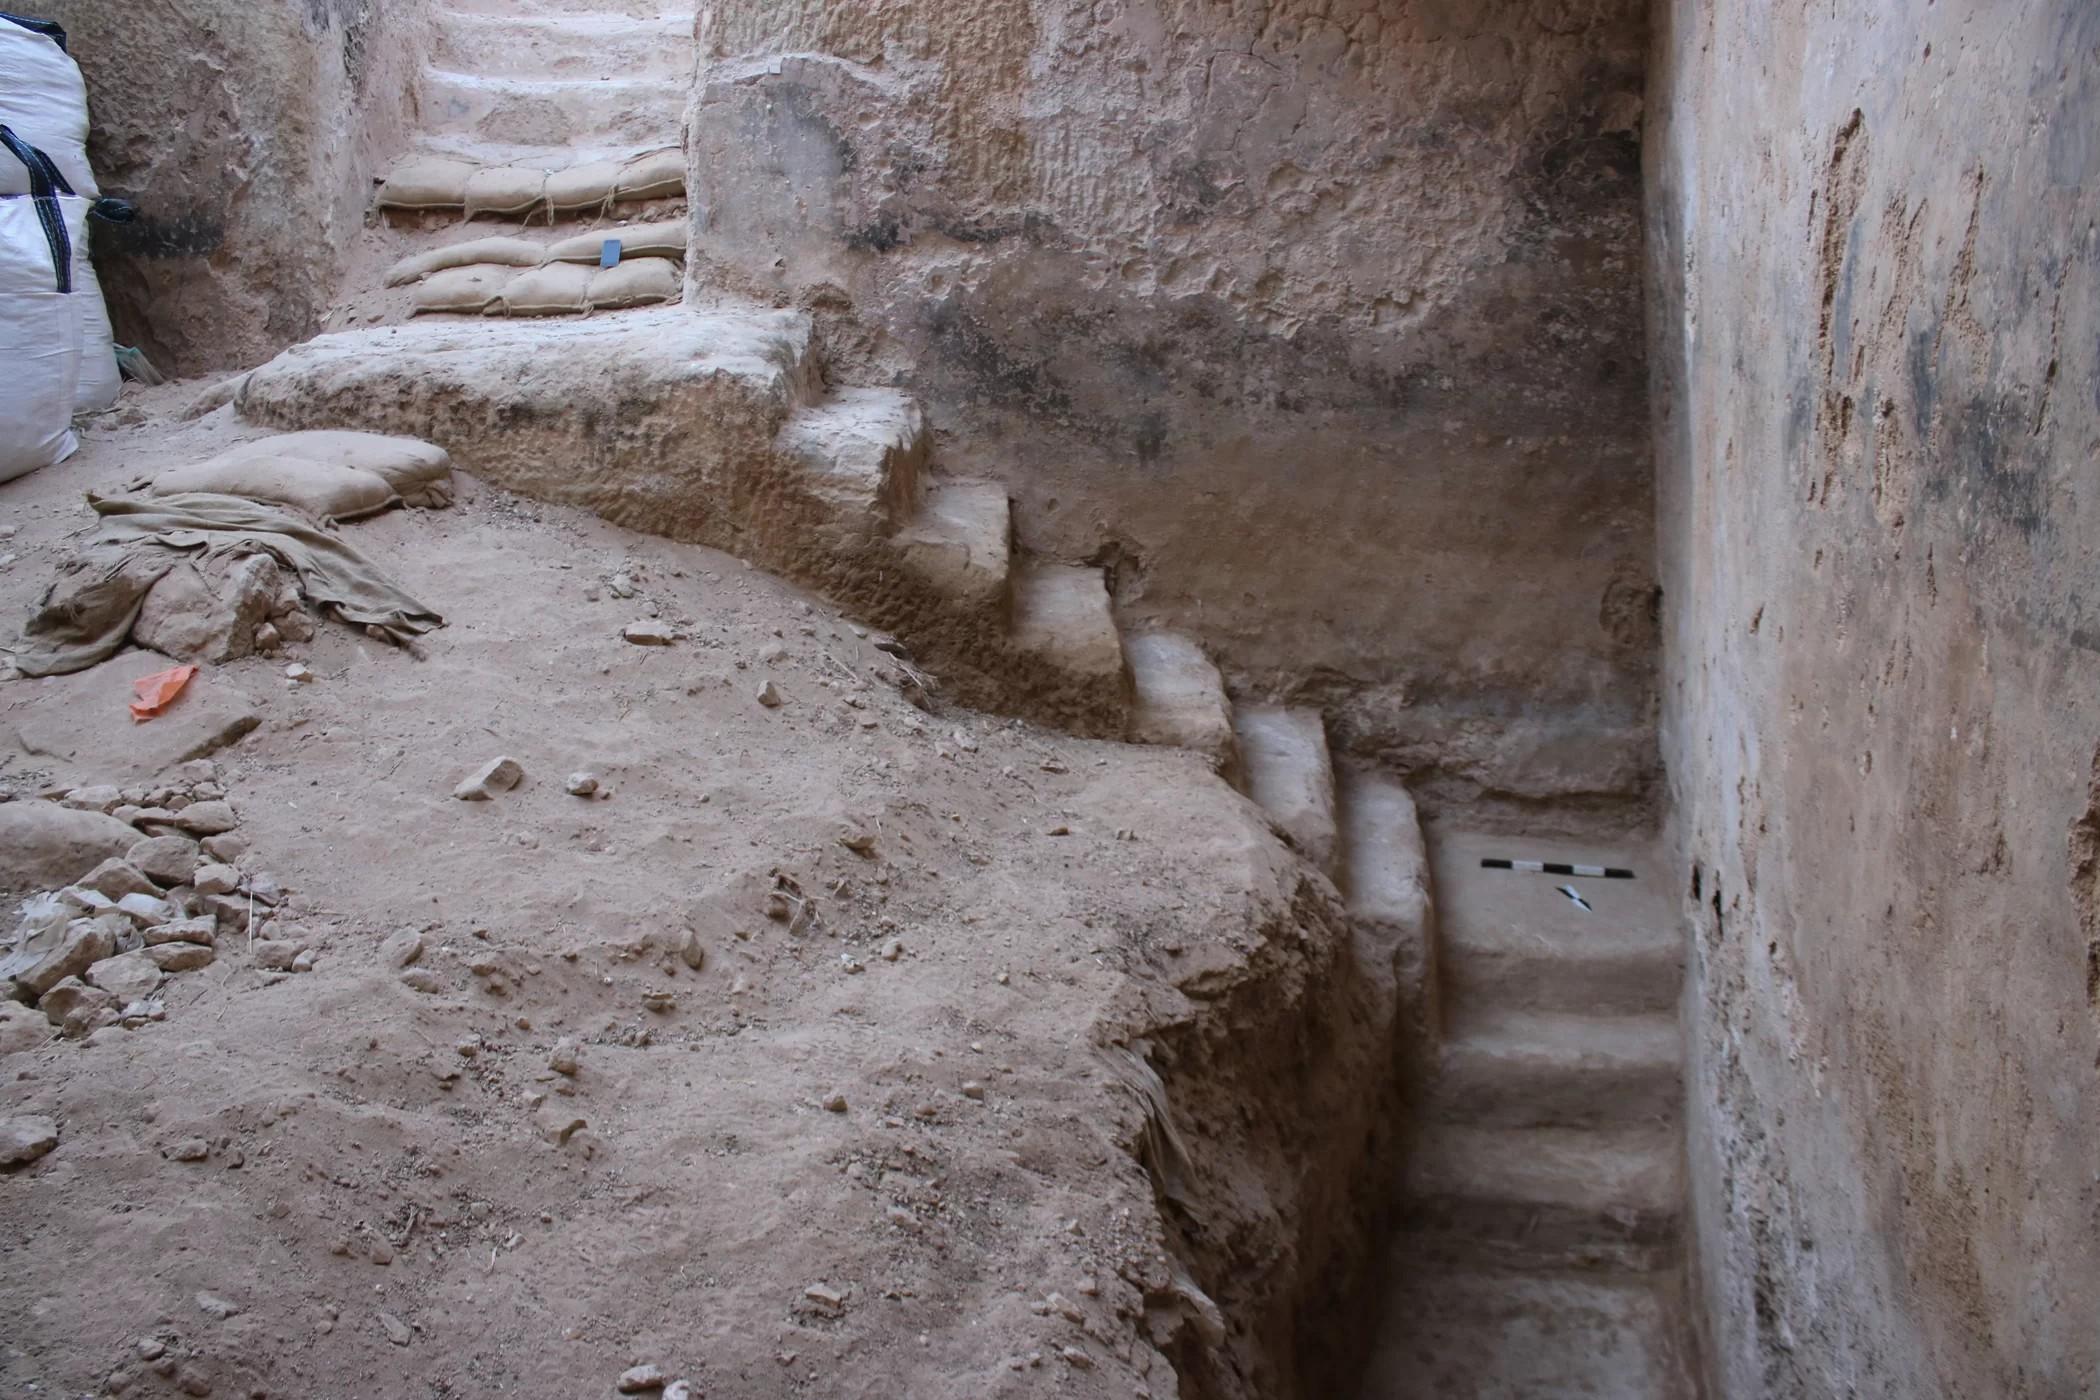 Escadaria leva até o fundo da cisterna (Foto: Israel Antiquities Authority)